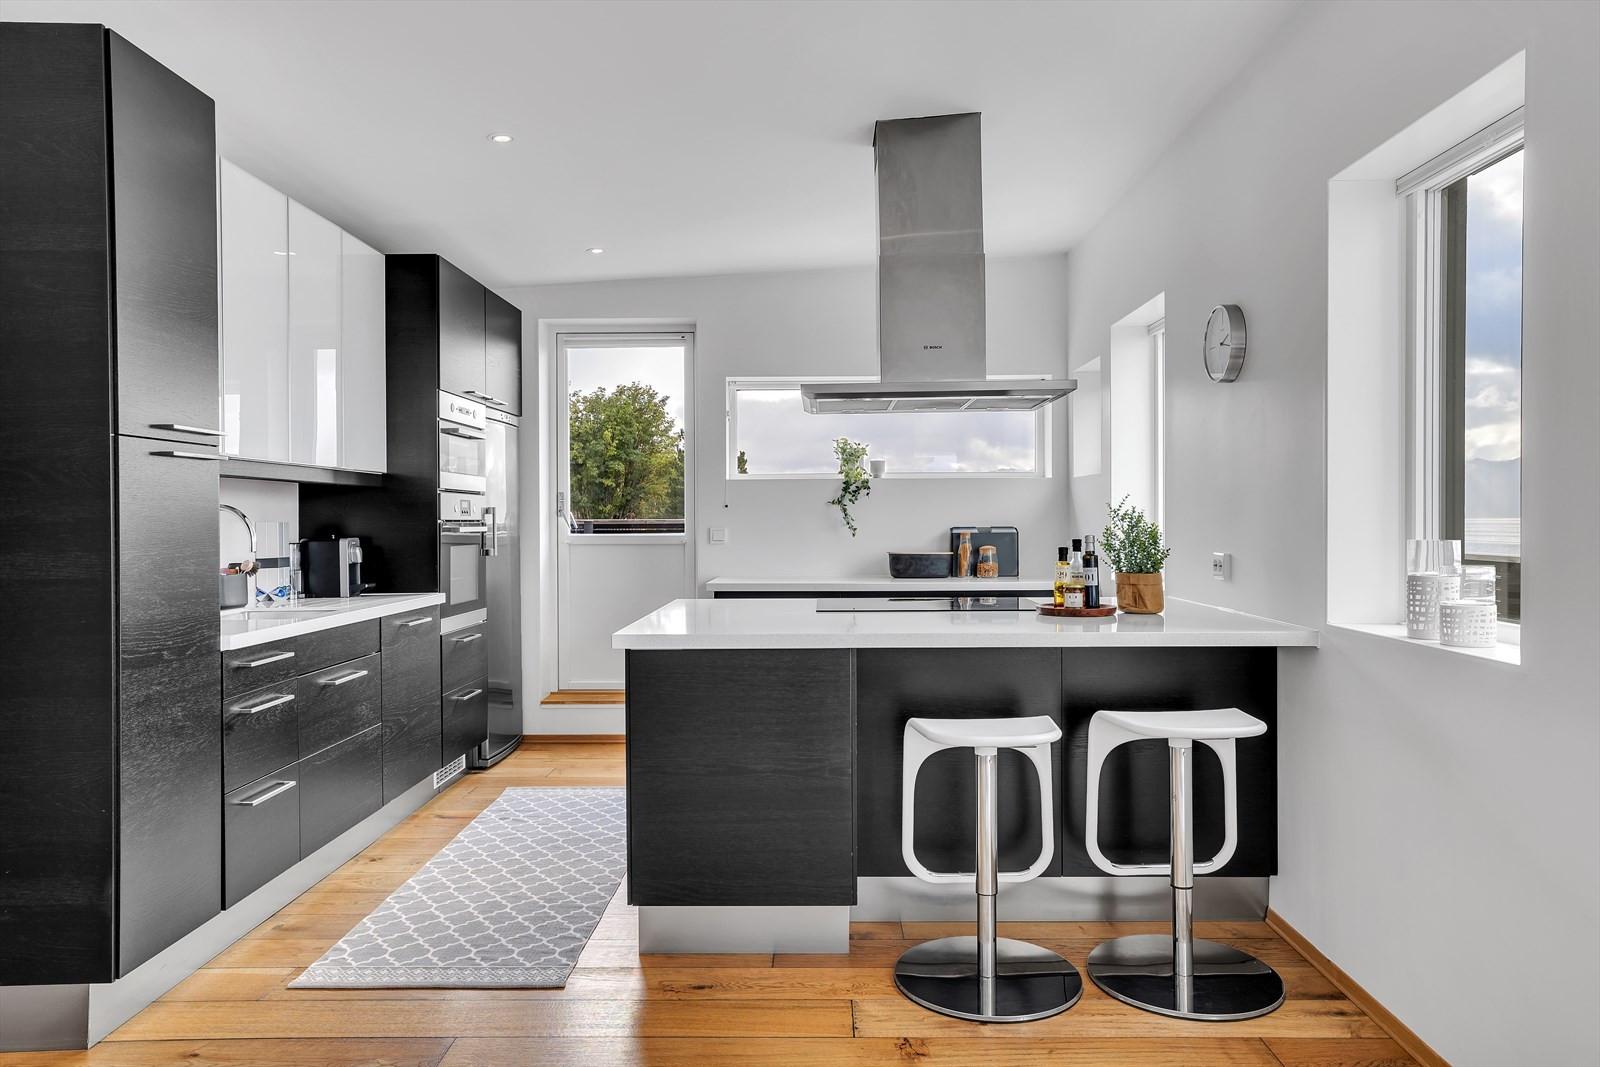 Kjøkken med integrerte hvitevarer og moderne finish